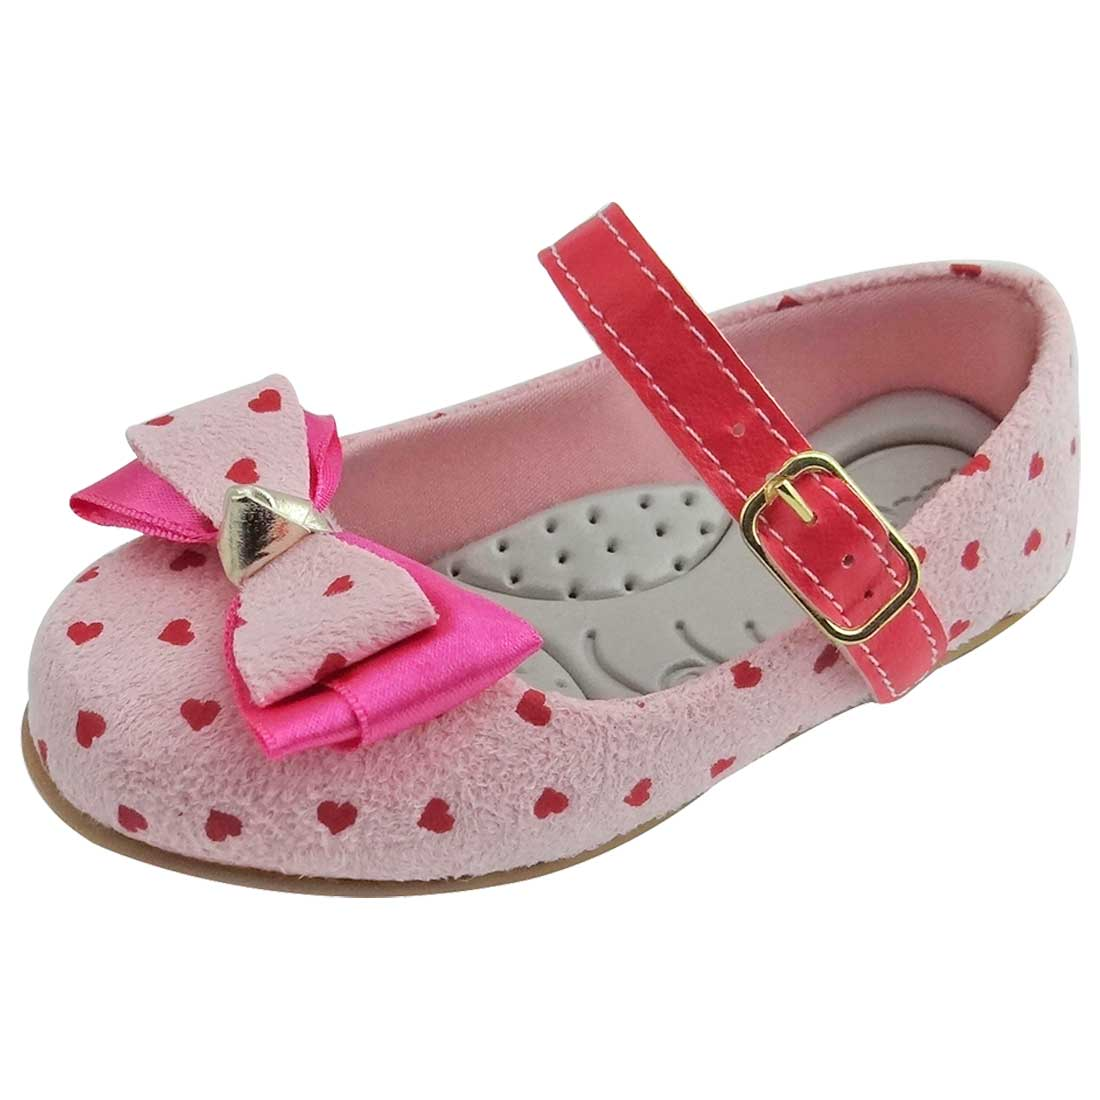 Sapato Boneca Baby com Laço Duplo e Corações - Rosa